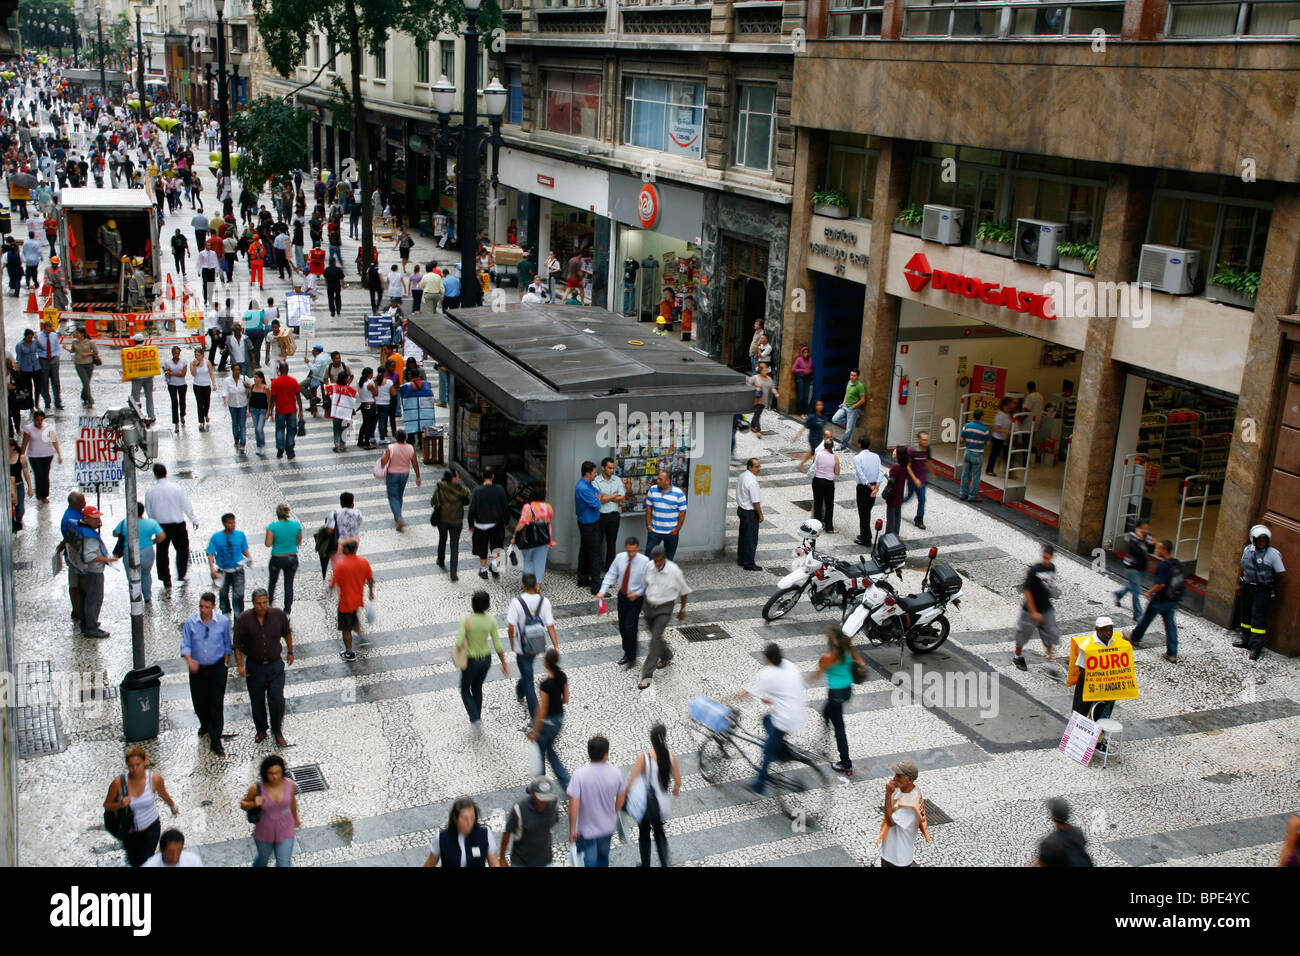 Les gens qui marchent sur une rue piétonne commerçante dans le centre de Sao Paulo, Brésil. Photo Stock